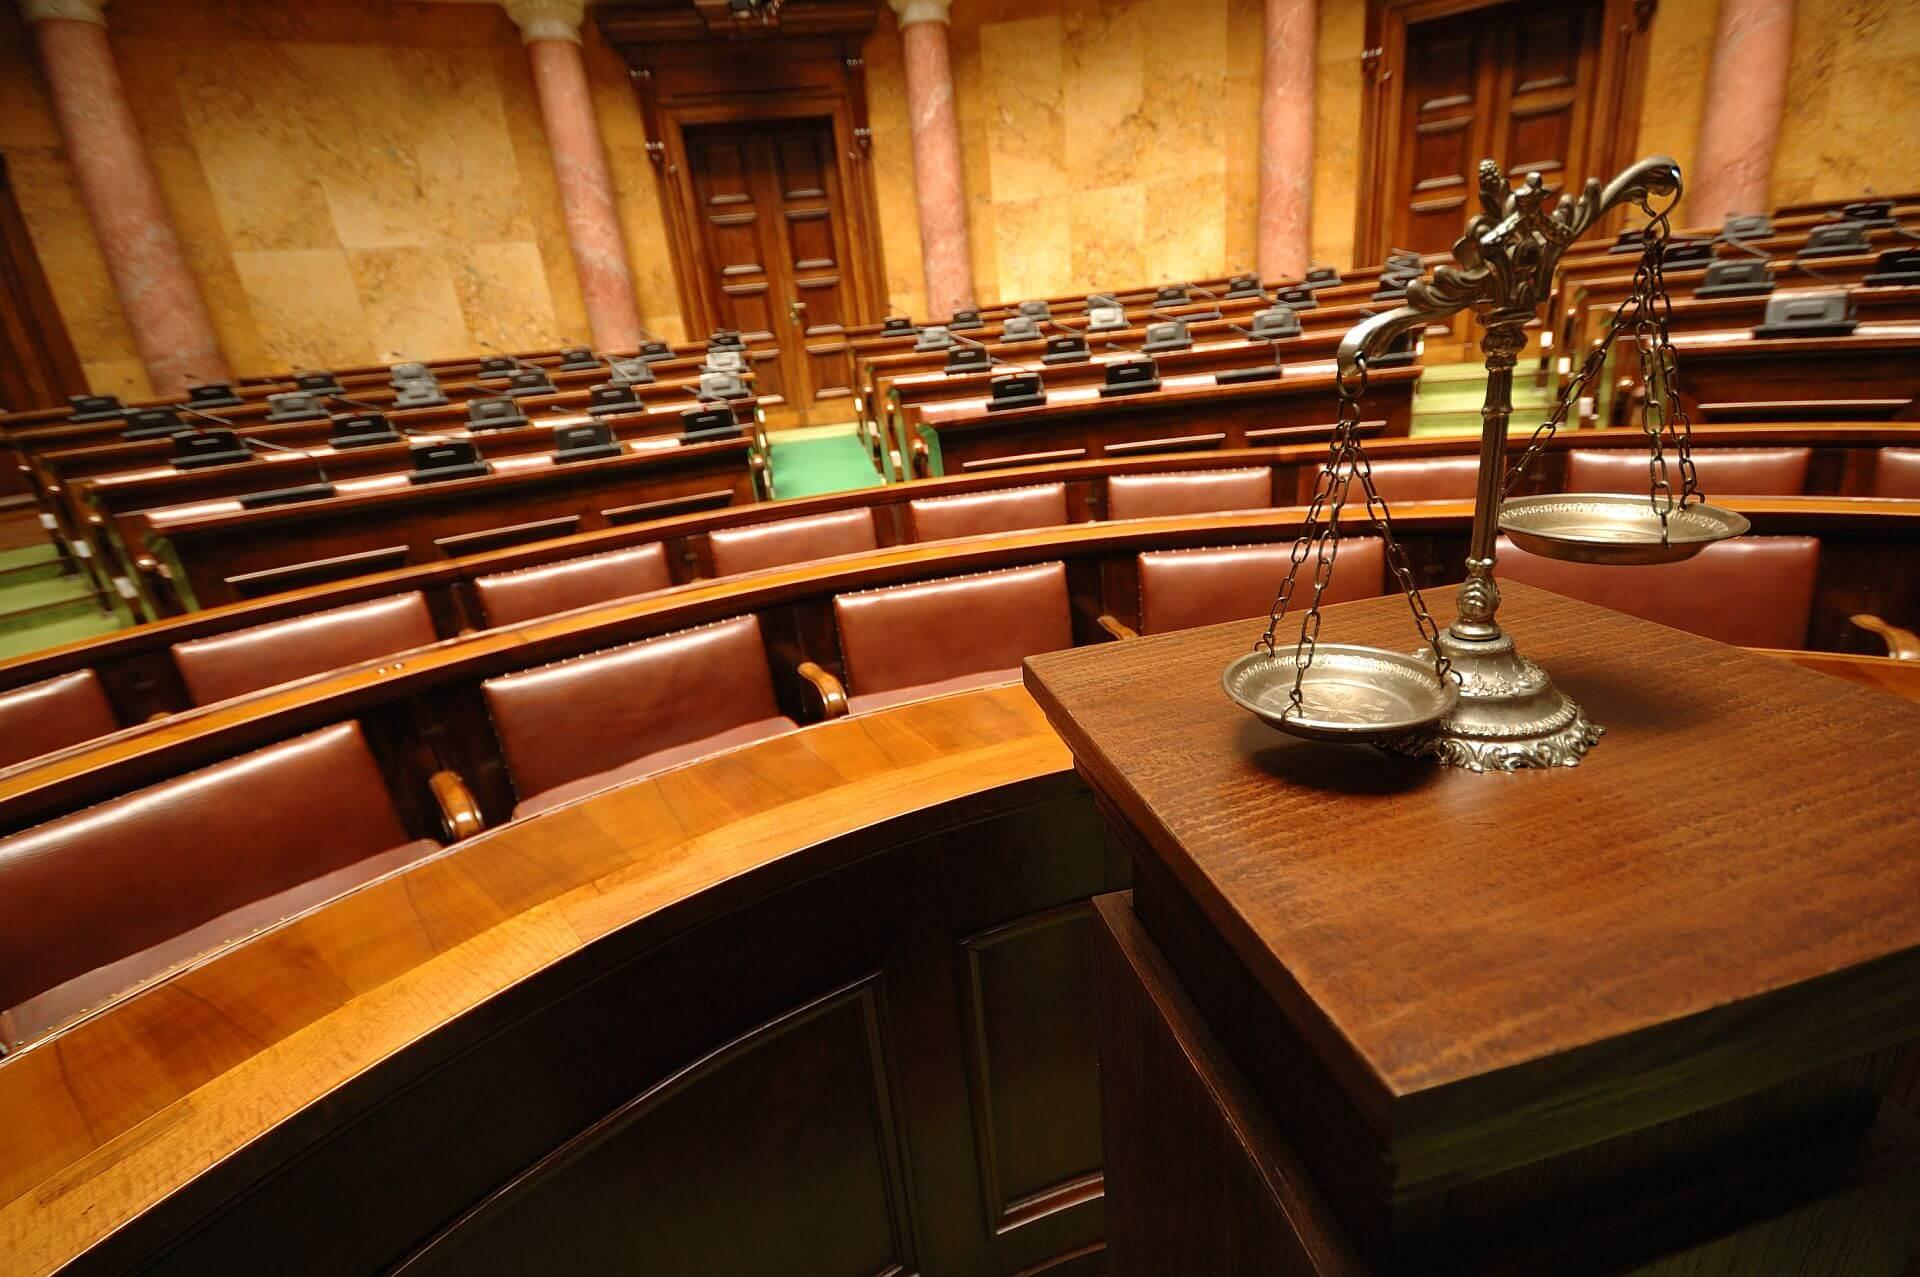 人工智慧準確預測法庭判決結果 - 明日科學新媒體